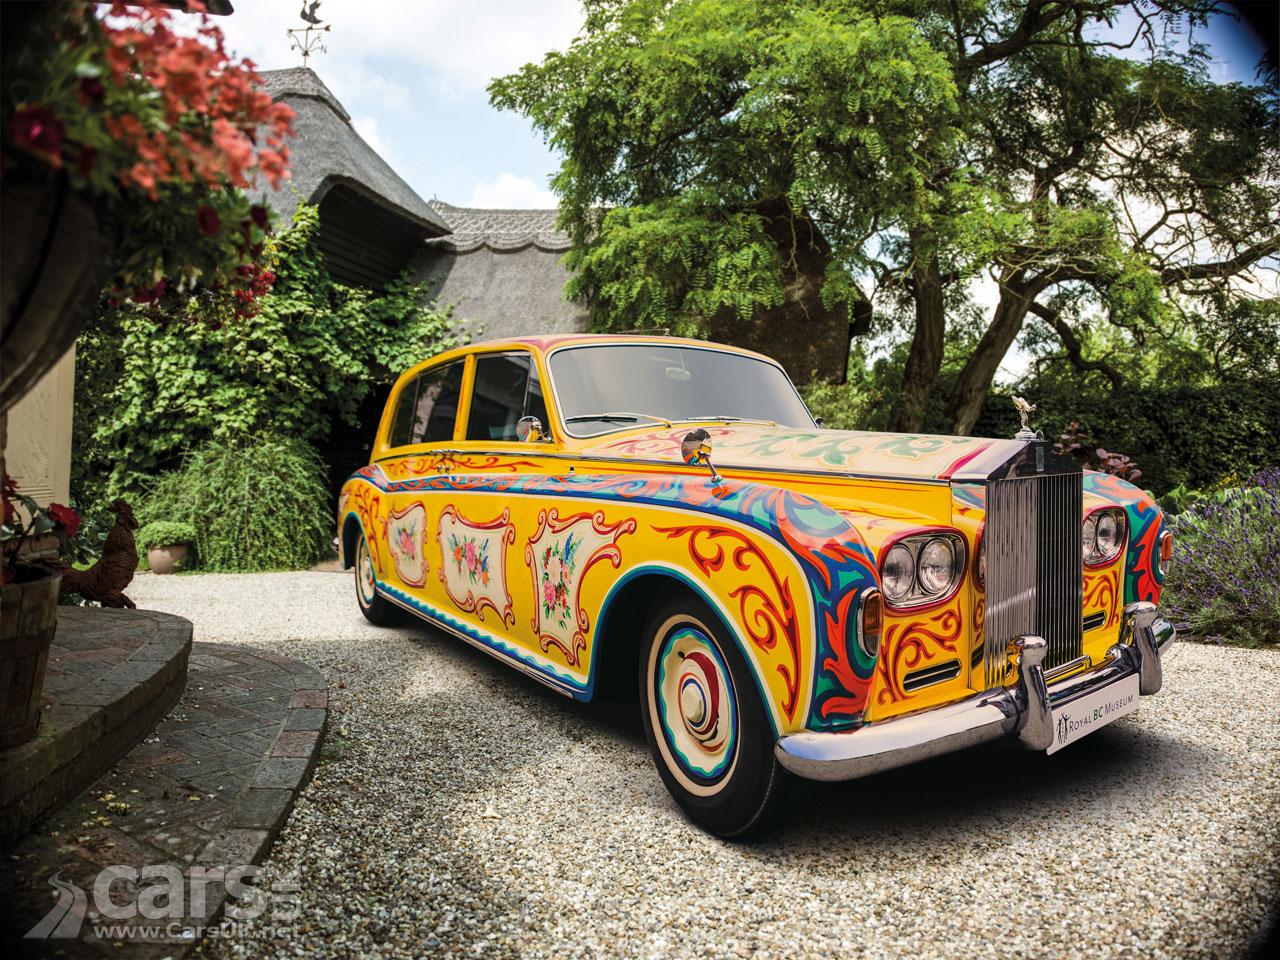 John Lennon's Rolls Royce Phantom V